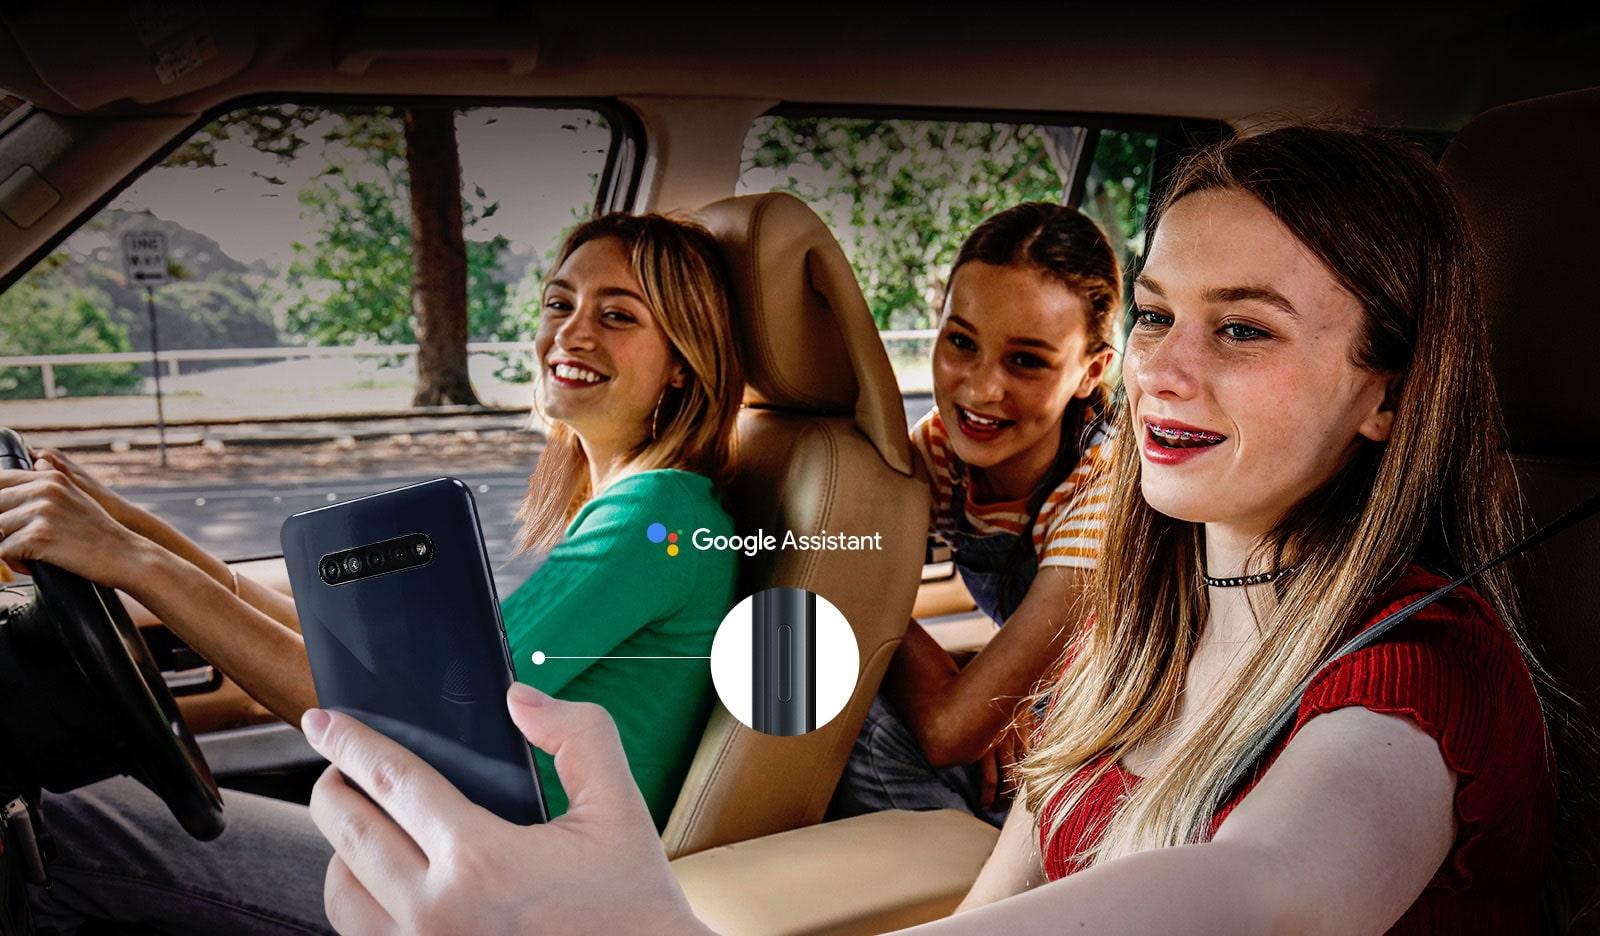 Kobieta szukająca swojego smartfona w samochodzie przy użyciu funkcji asystenta google